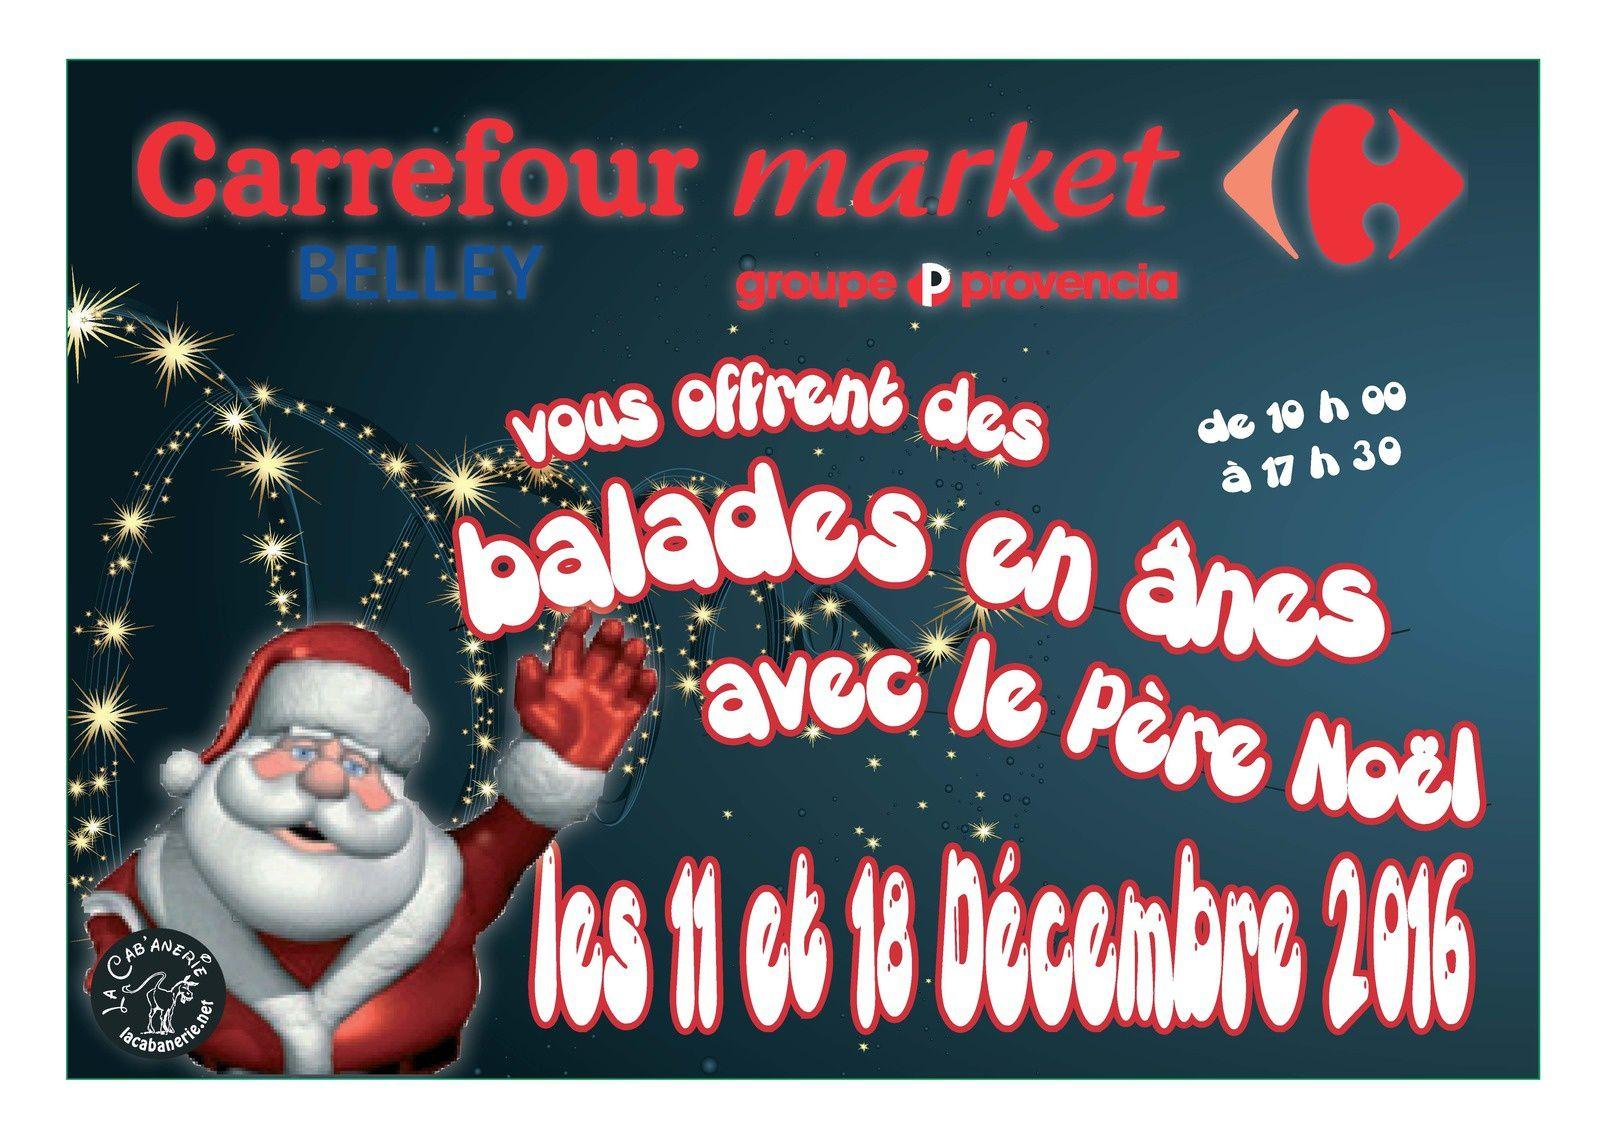 Nous serons les samedis 10 et 17 à Gamm Vert, et les dimanches 11 et 18 à Carrefour Market